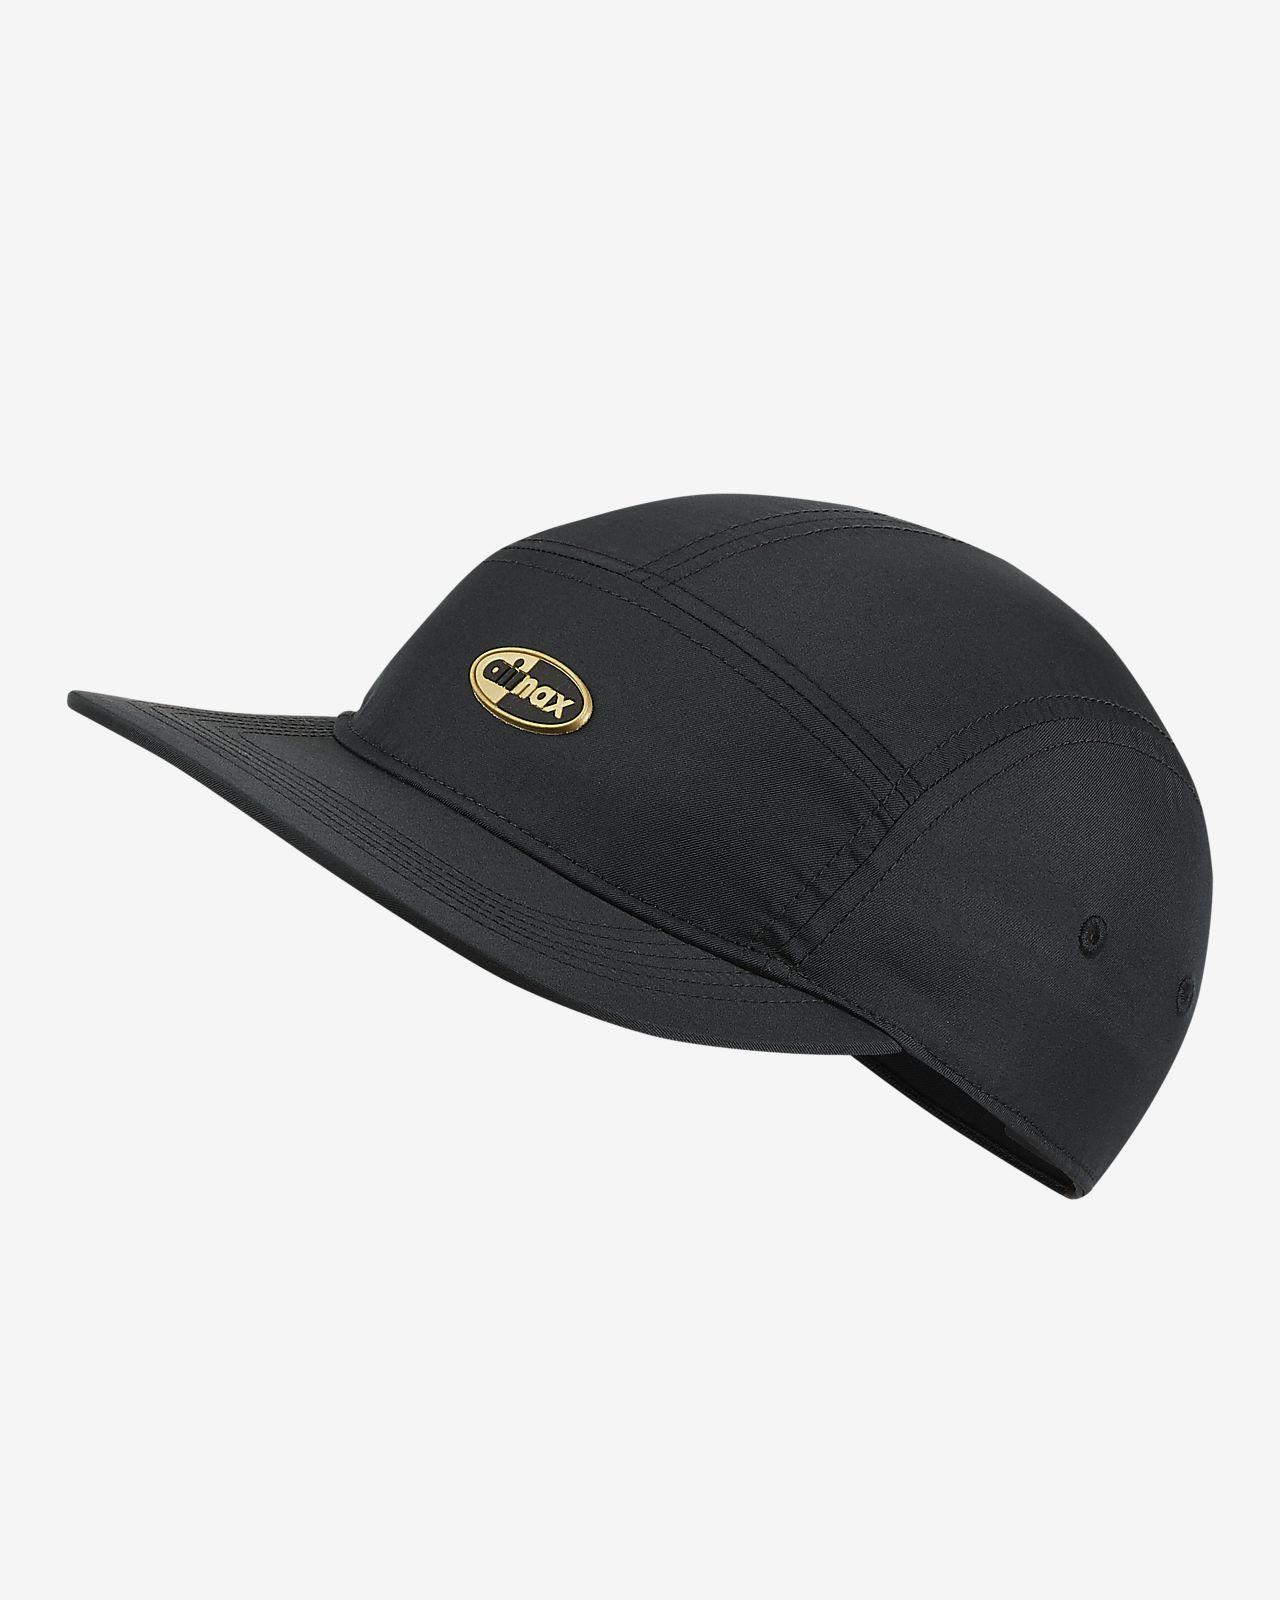 34ab6606a1b Nike Sportswear AW84 Adjustable Hat. Nike.com